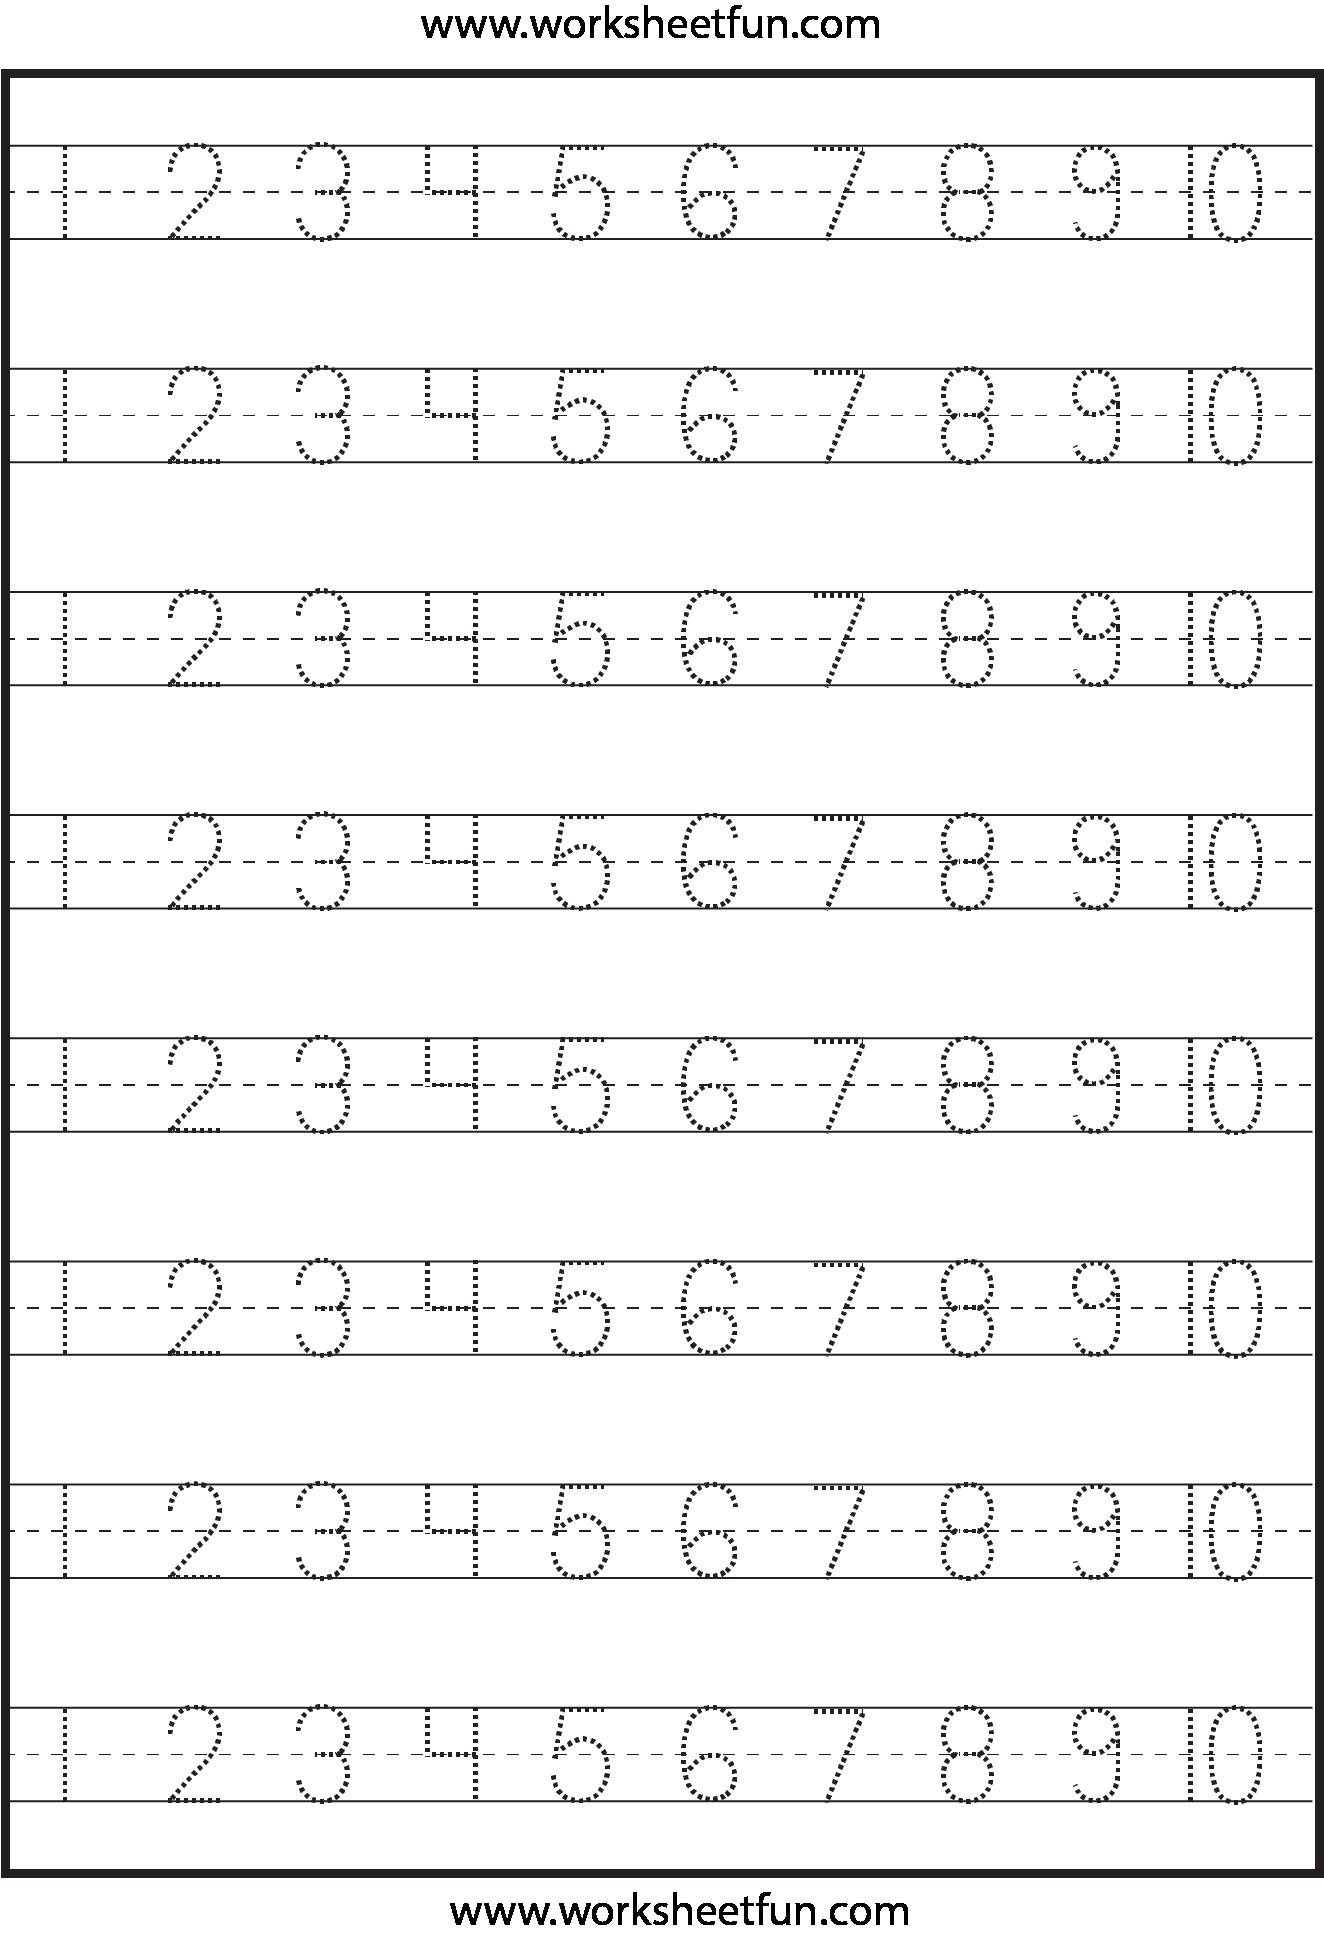 numbertracingWORKSHEETFUN1